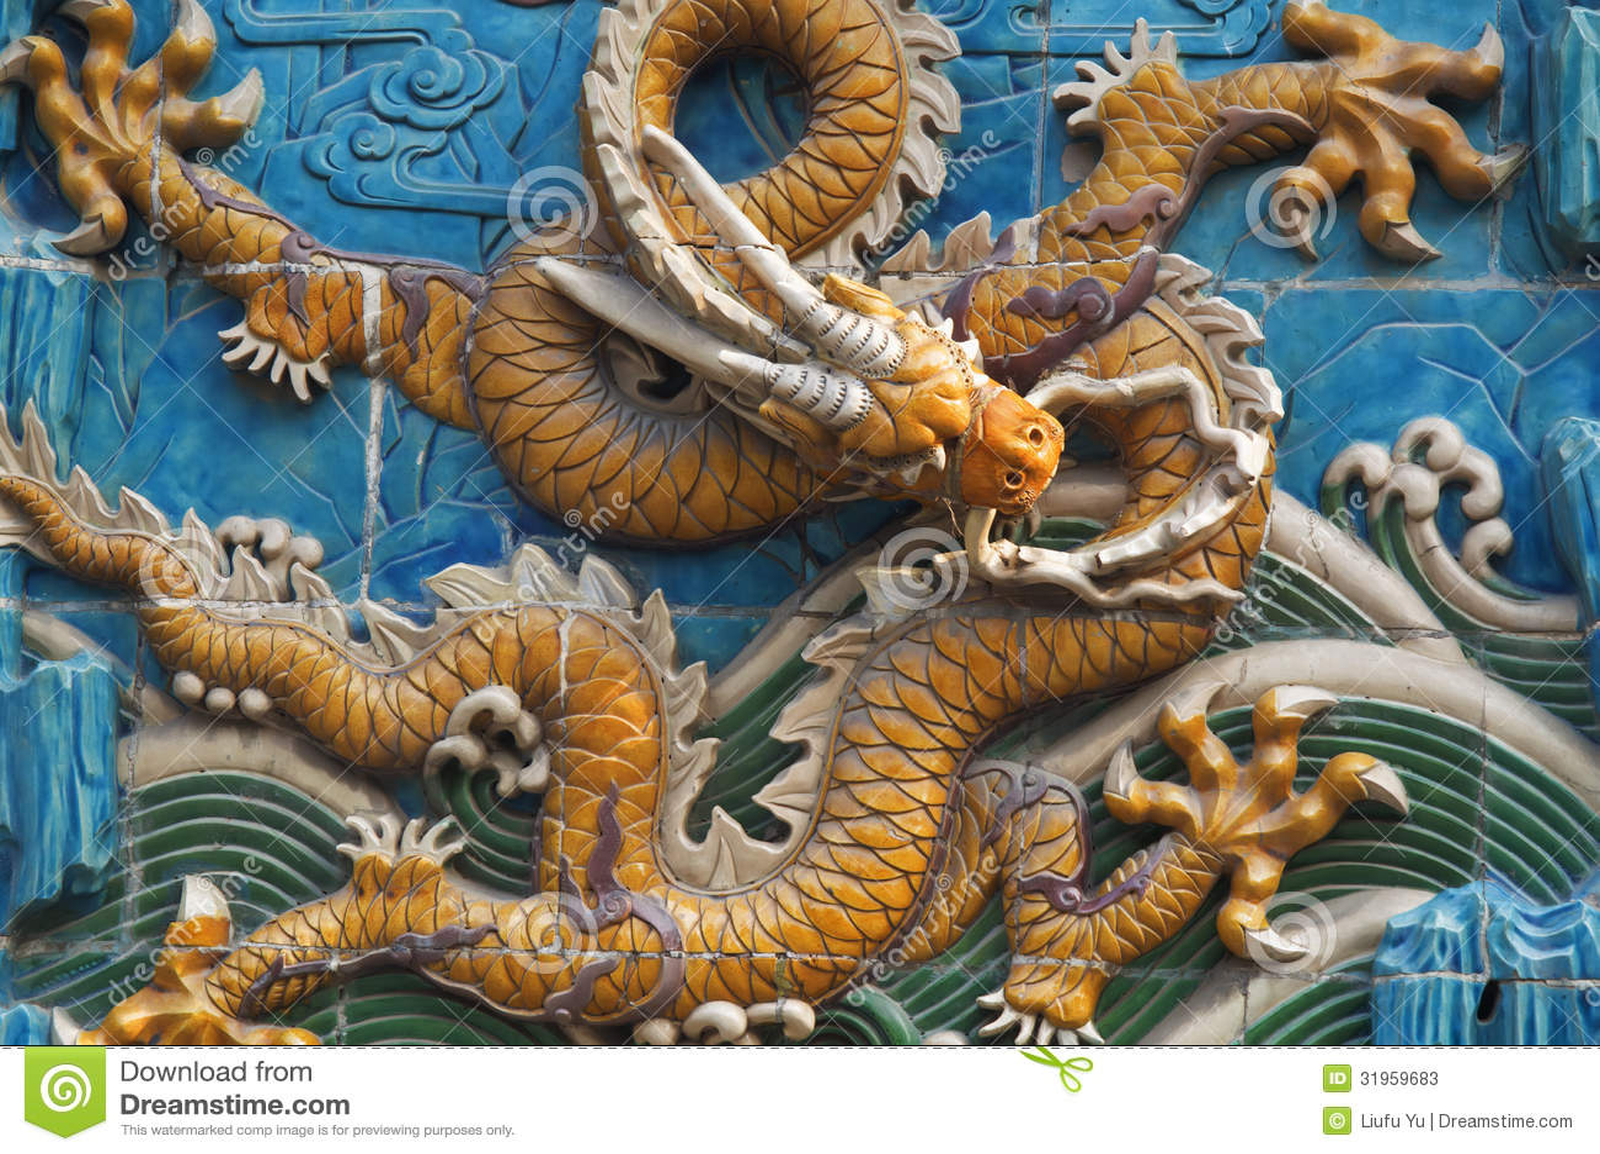 Nine Dragon Wall: The Nine-Dragon Wall Stock Photos